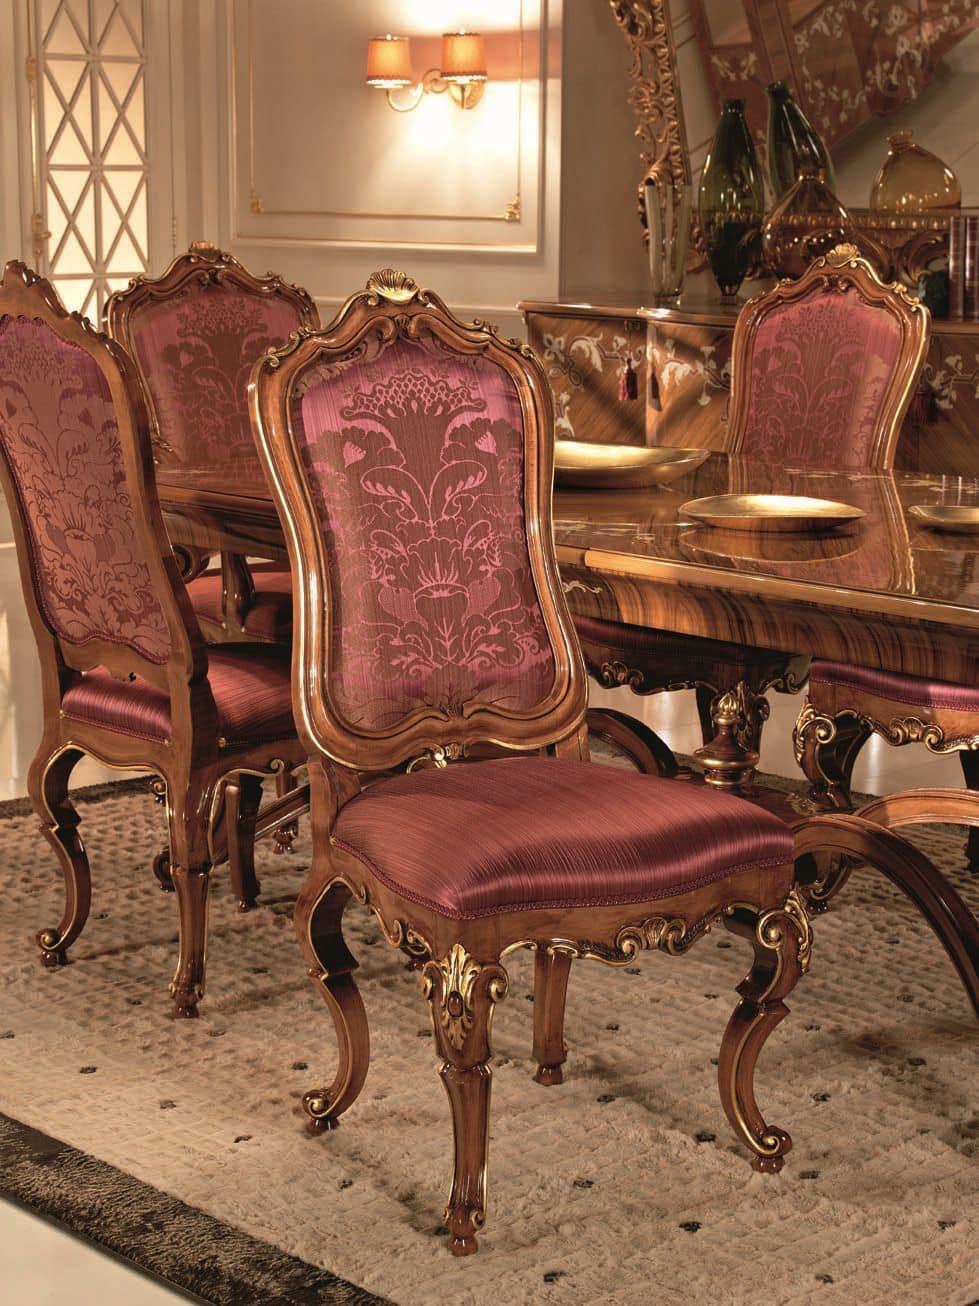 lehrstuhl f r buchenholz sitz und r cken gepolstert f r umgebungen in klassischen luxus stil. Black Bedroom Furniture Sets. Home Design Ideas